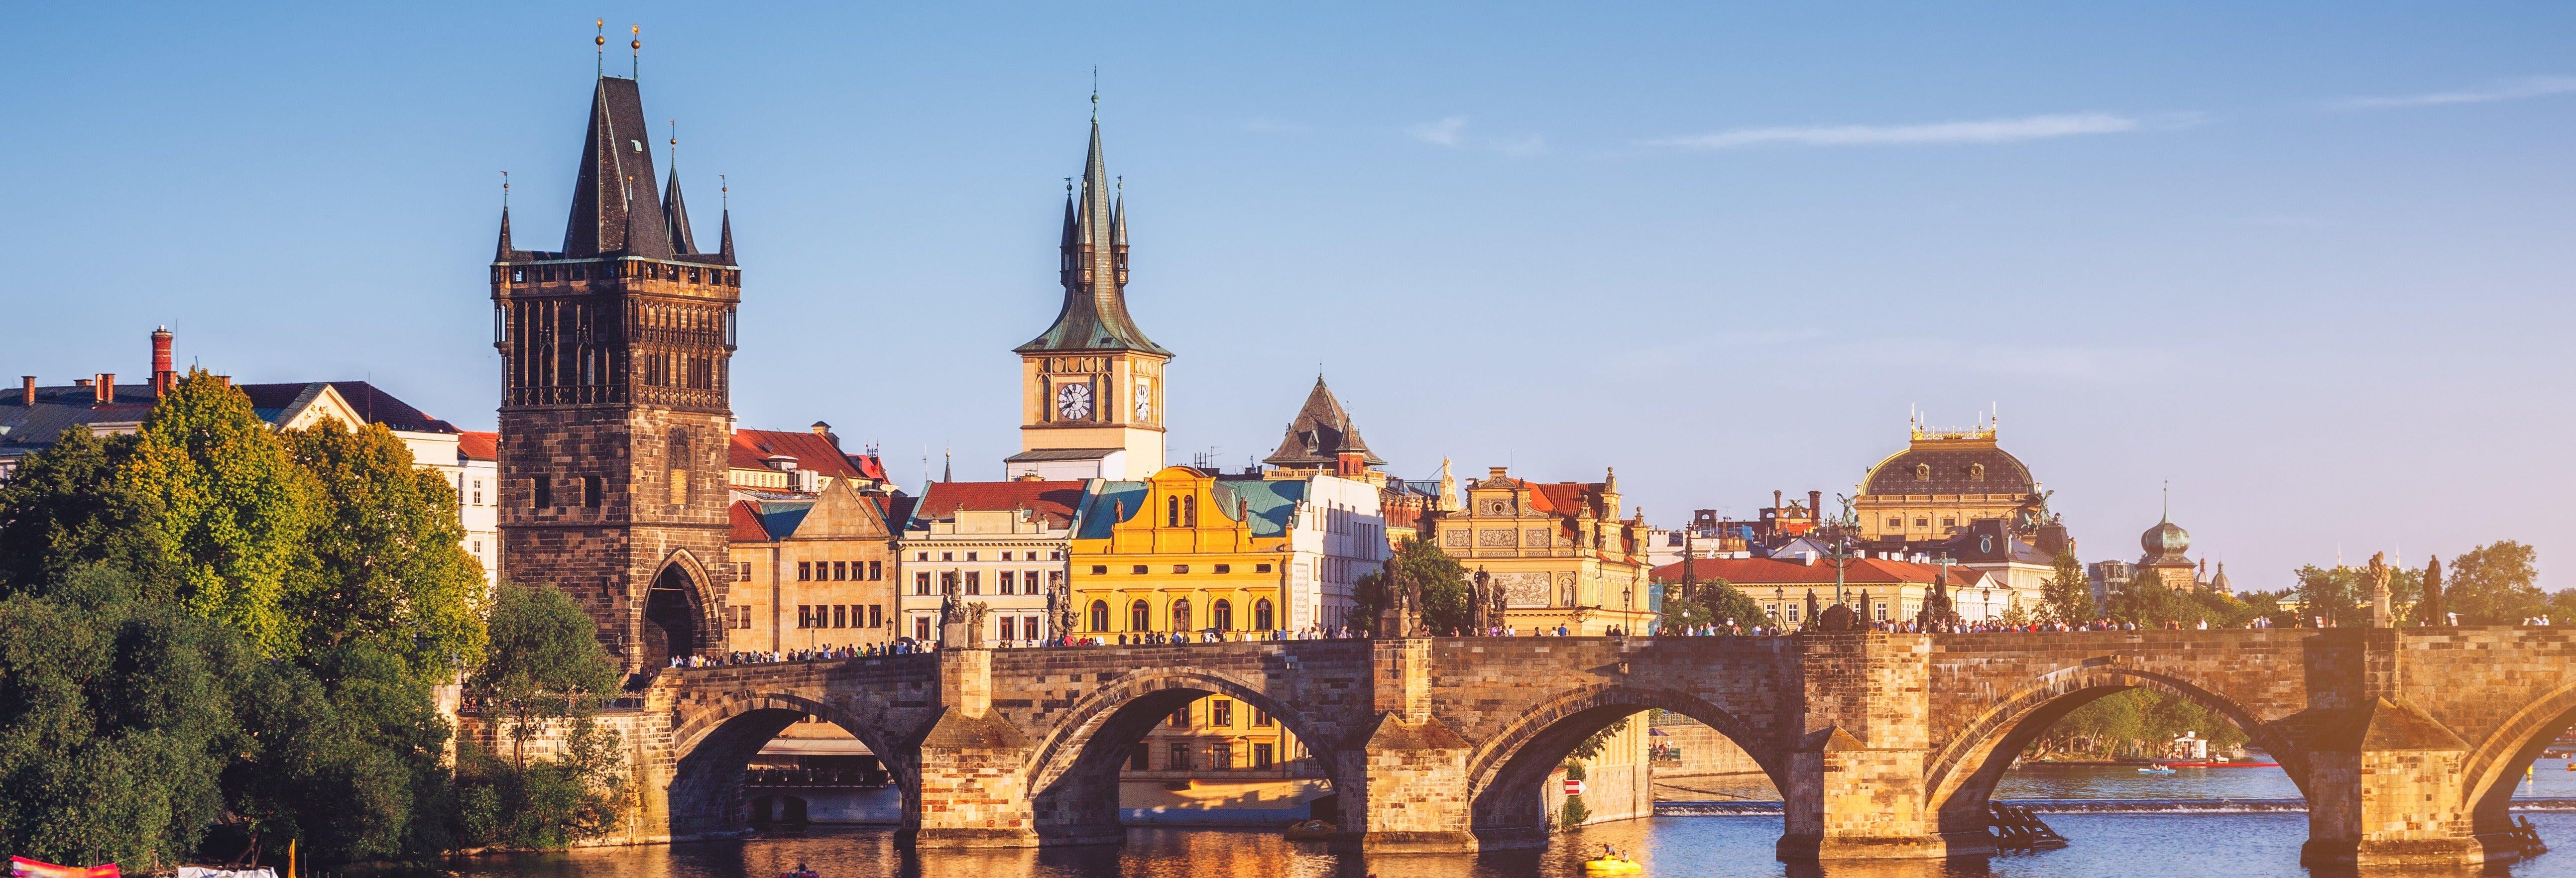 Tour panoramico di Praga e visita del Borgo del Castello